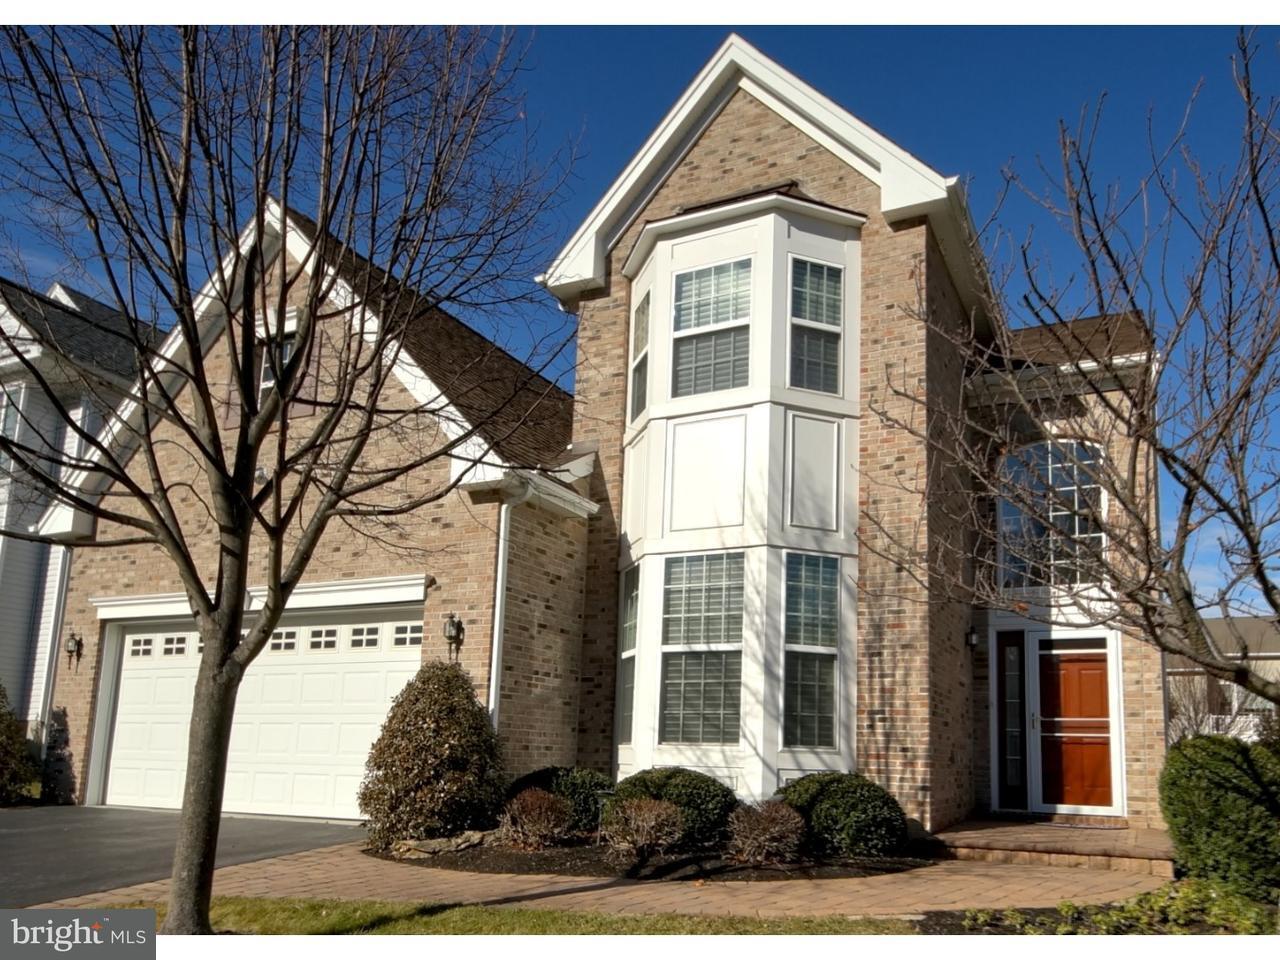 独户住宅 为 销售 在 37 EDGEMERE Drive 肯德尔帕克, 新泽西州 08824 美国在/周边: South Brunswick Township